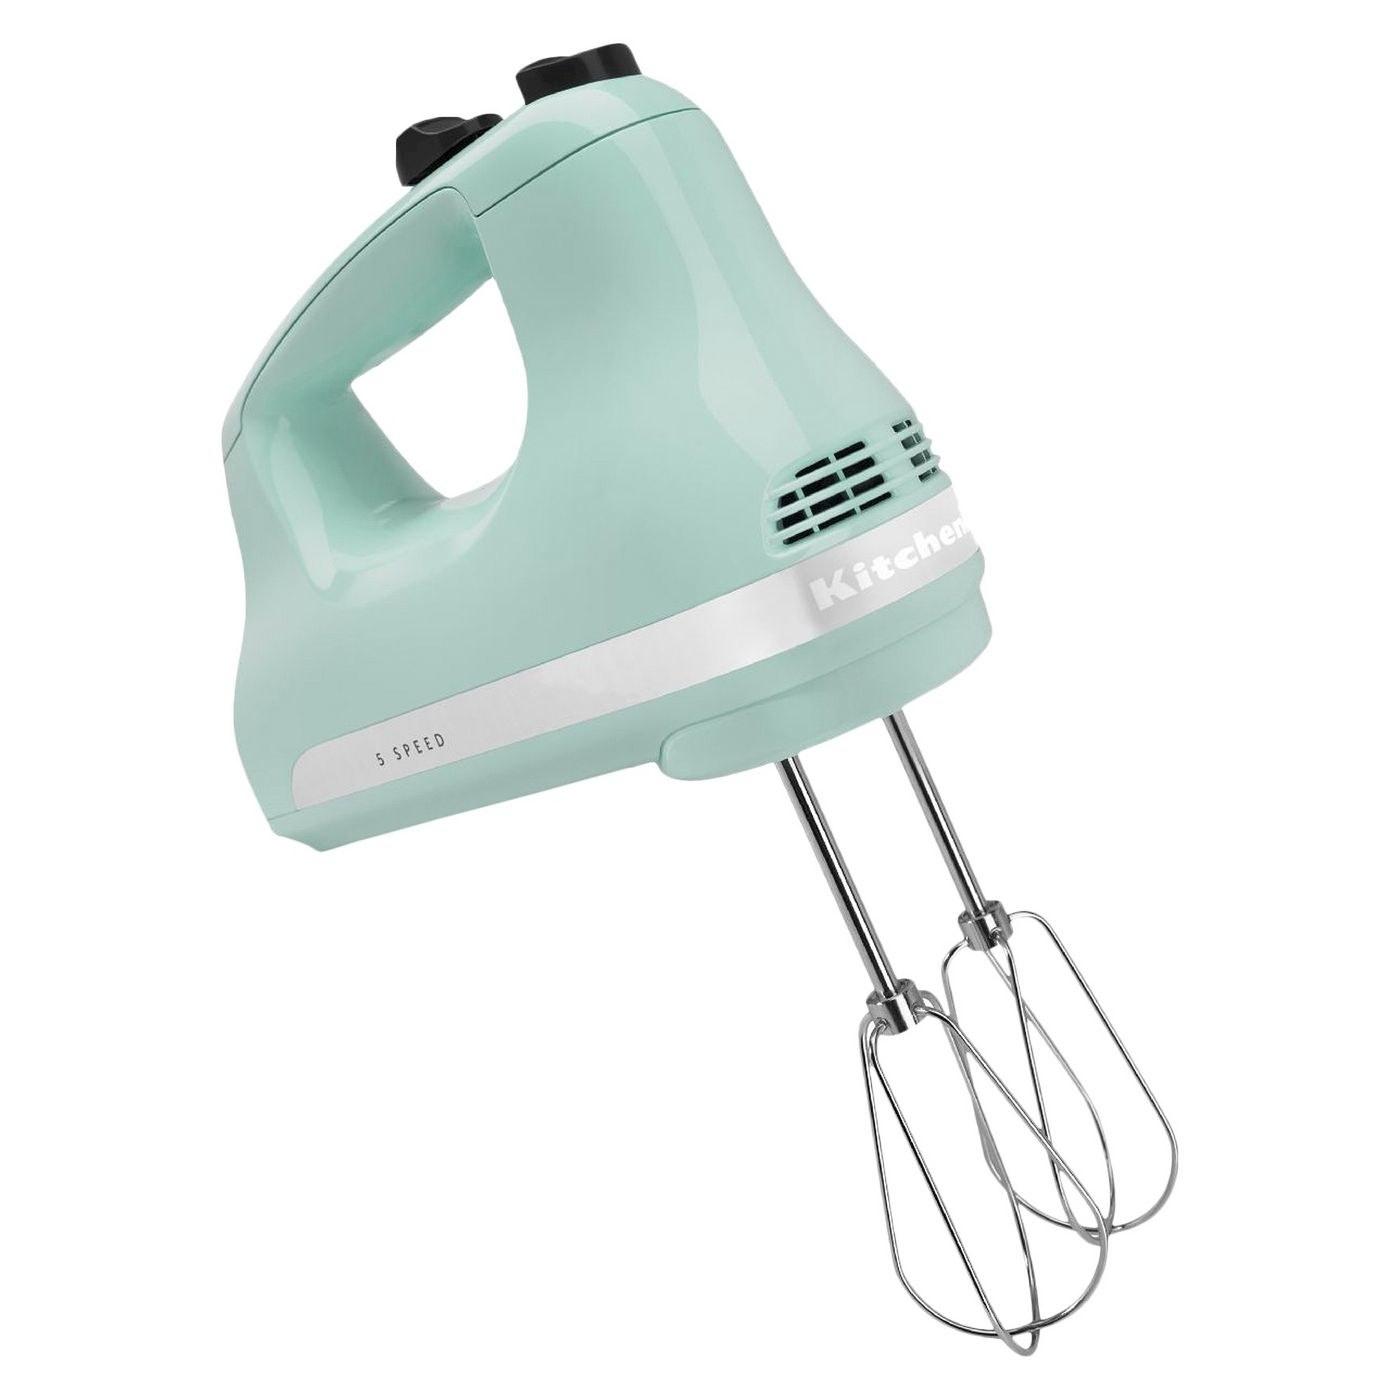 the kitchenaid ultra power hand mixer